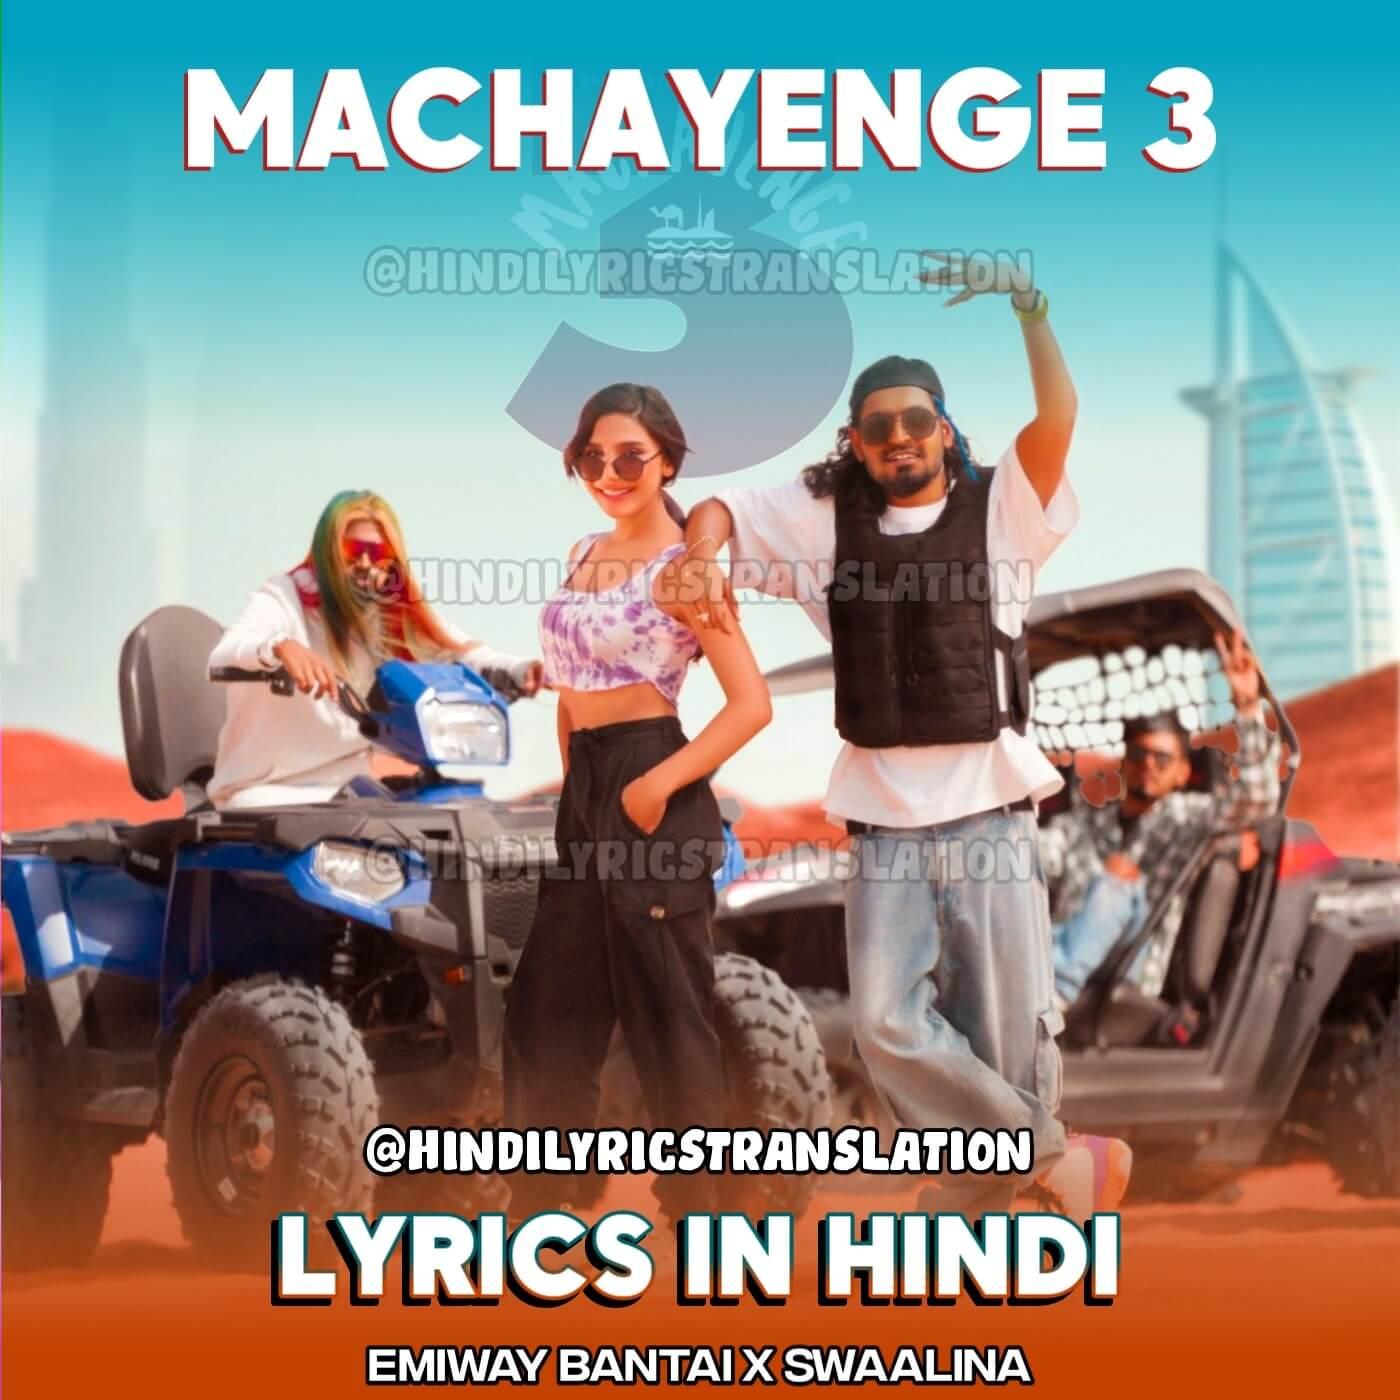 Machayenge 3 by Emiway Bantai Song Lyrics In Hindi